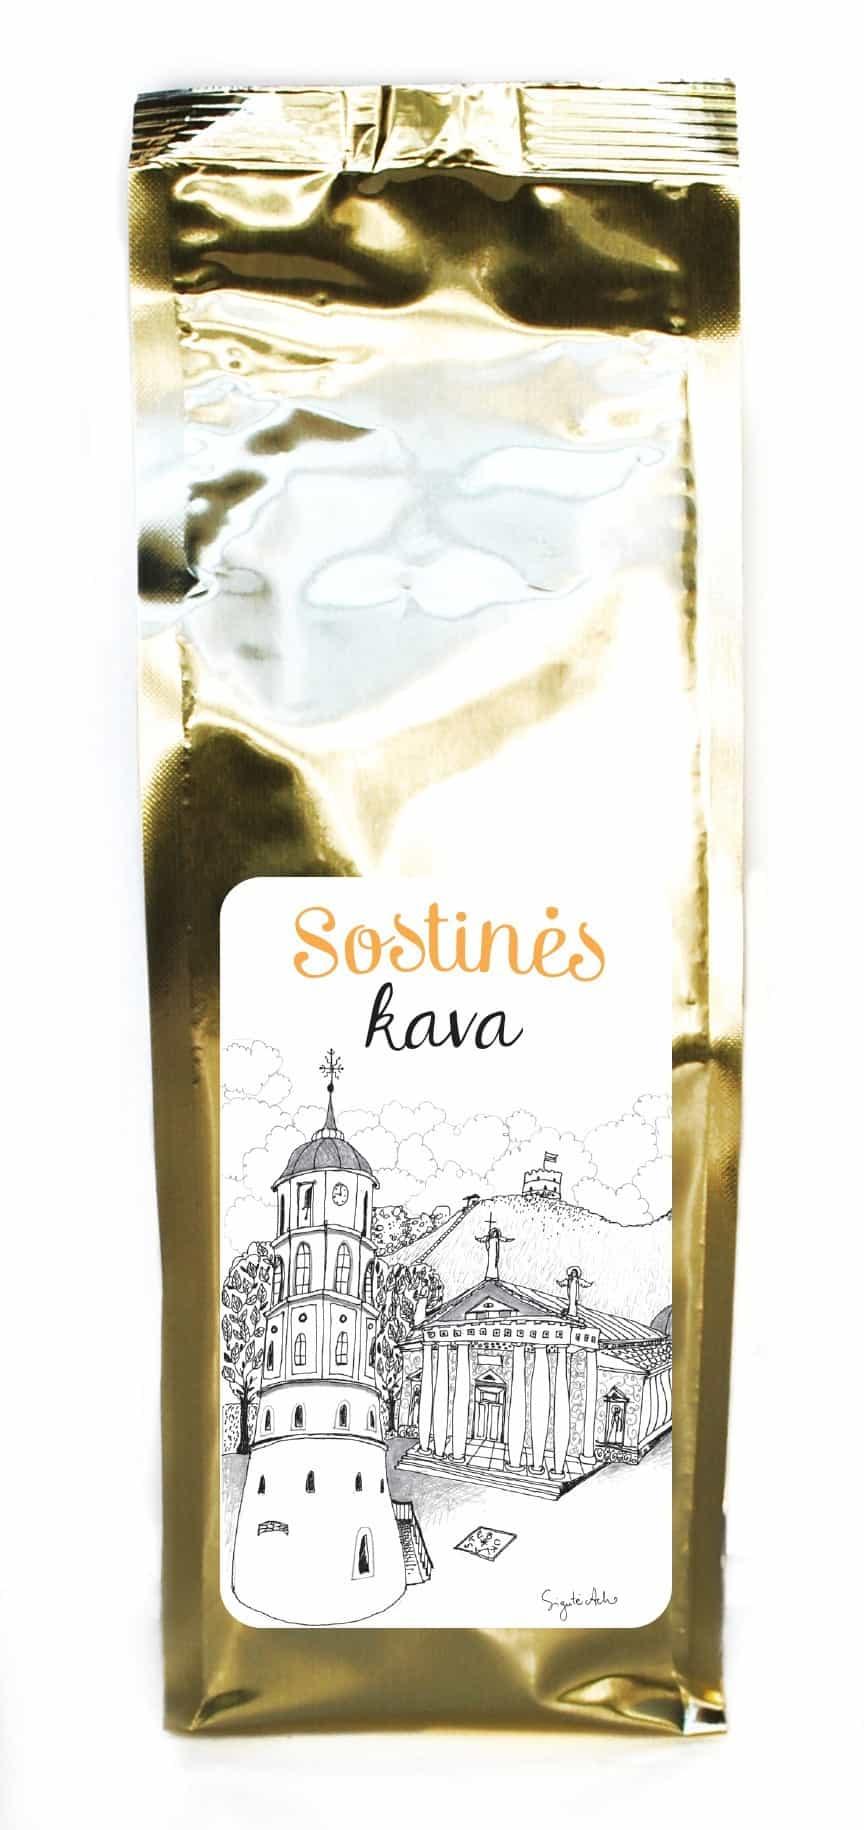 Sostinės kava